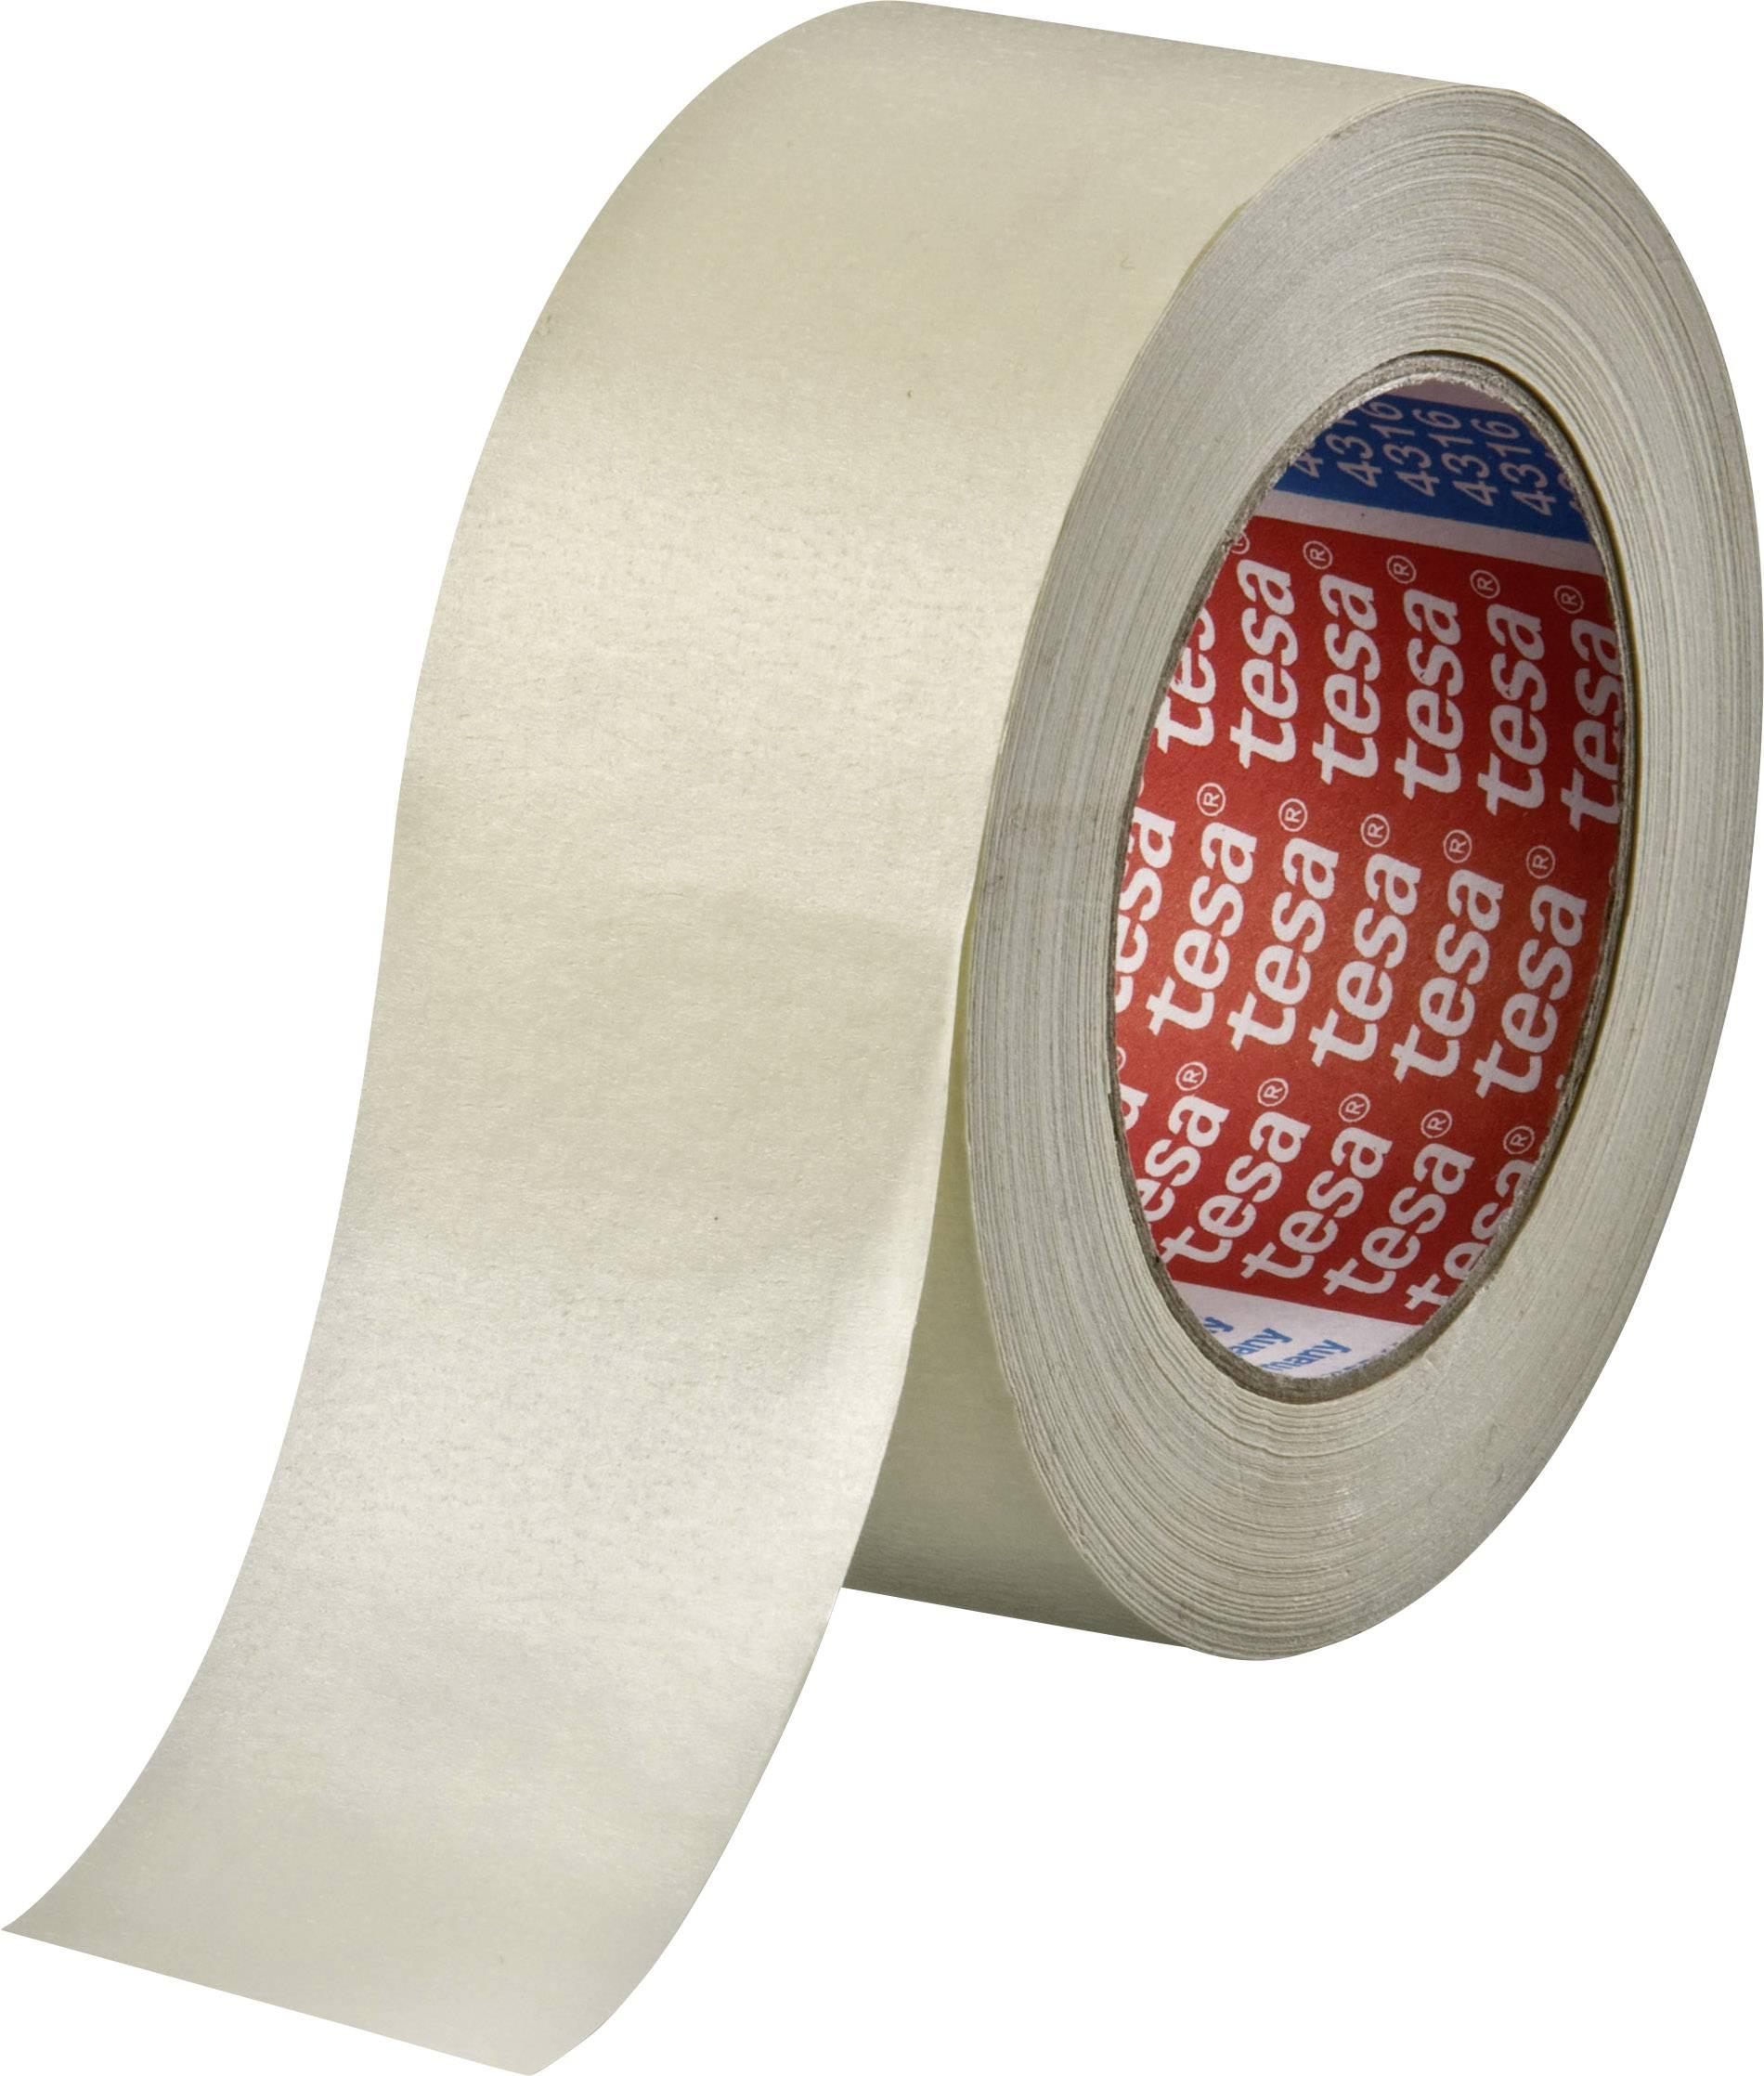 Sehr tesa 04316-00016-03 Masking tape tesakrepp® 4316 (L x W) 50 m x 50 SE25